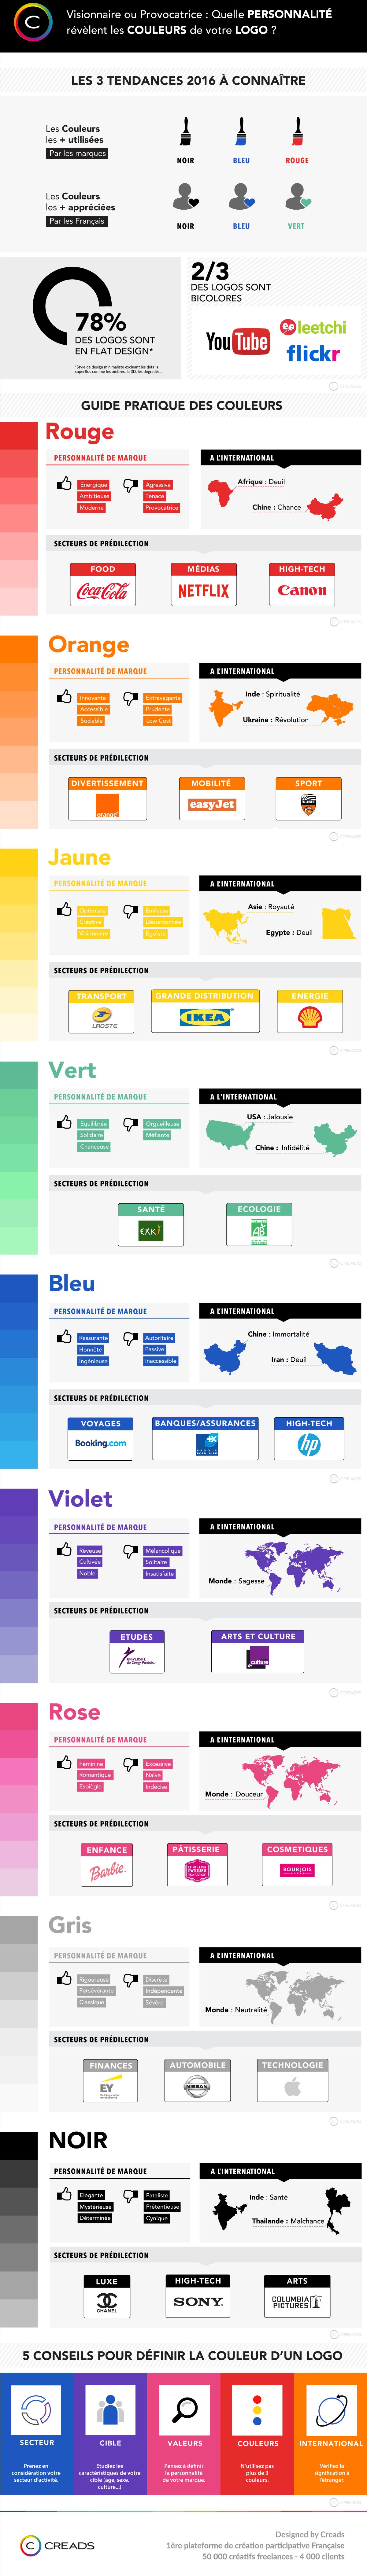 infographie : quelle couleur choisir pour votre logo ? - actualité